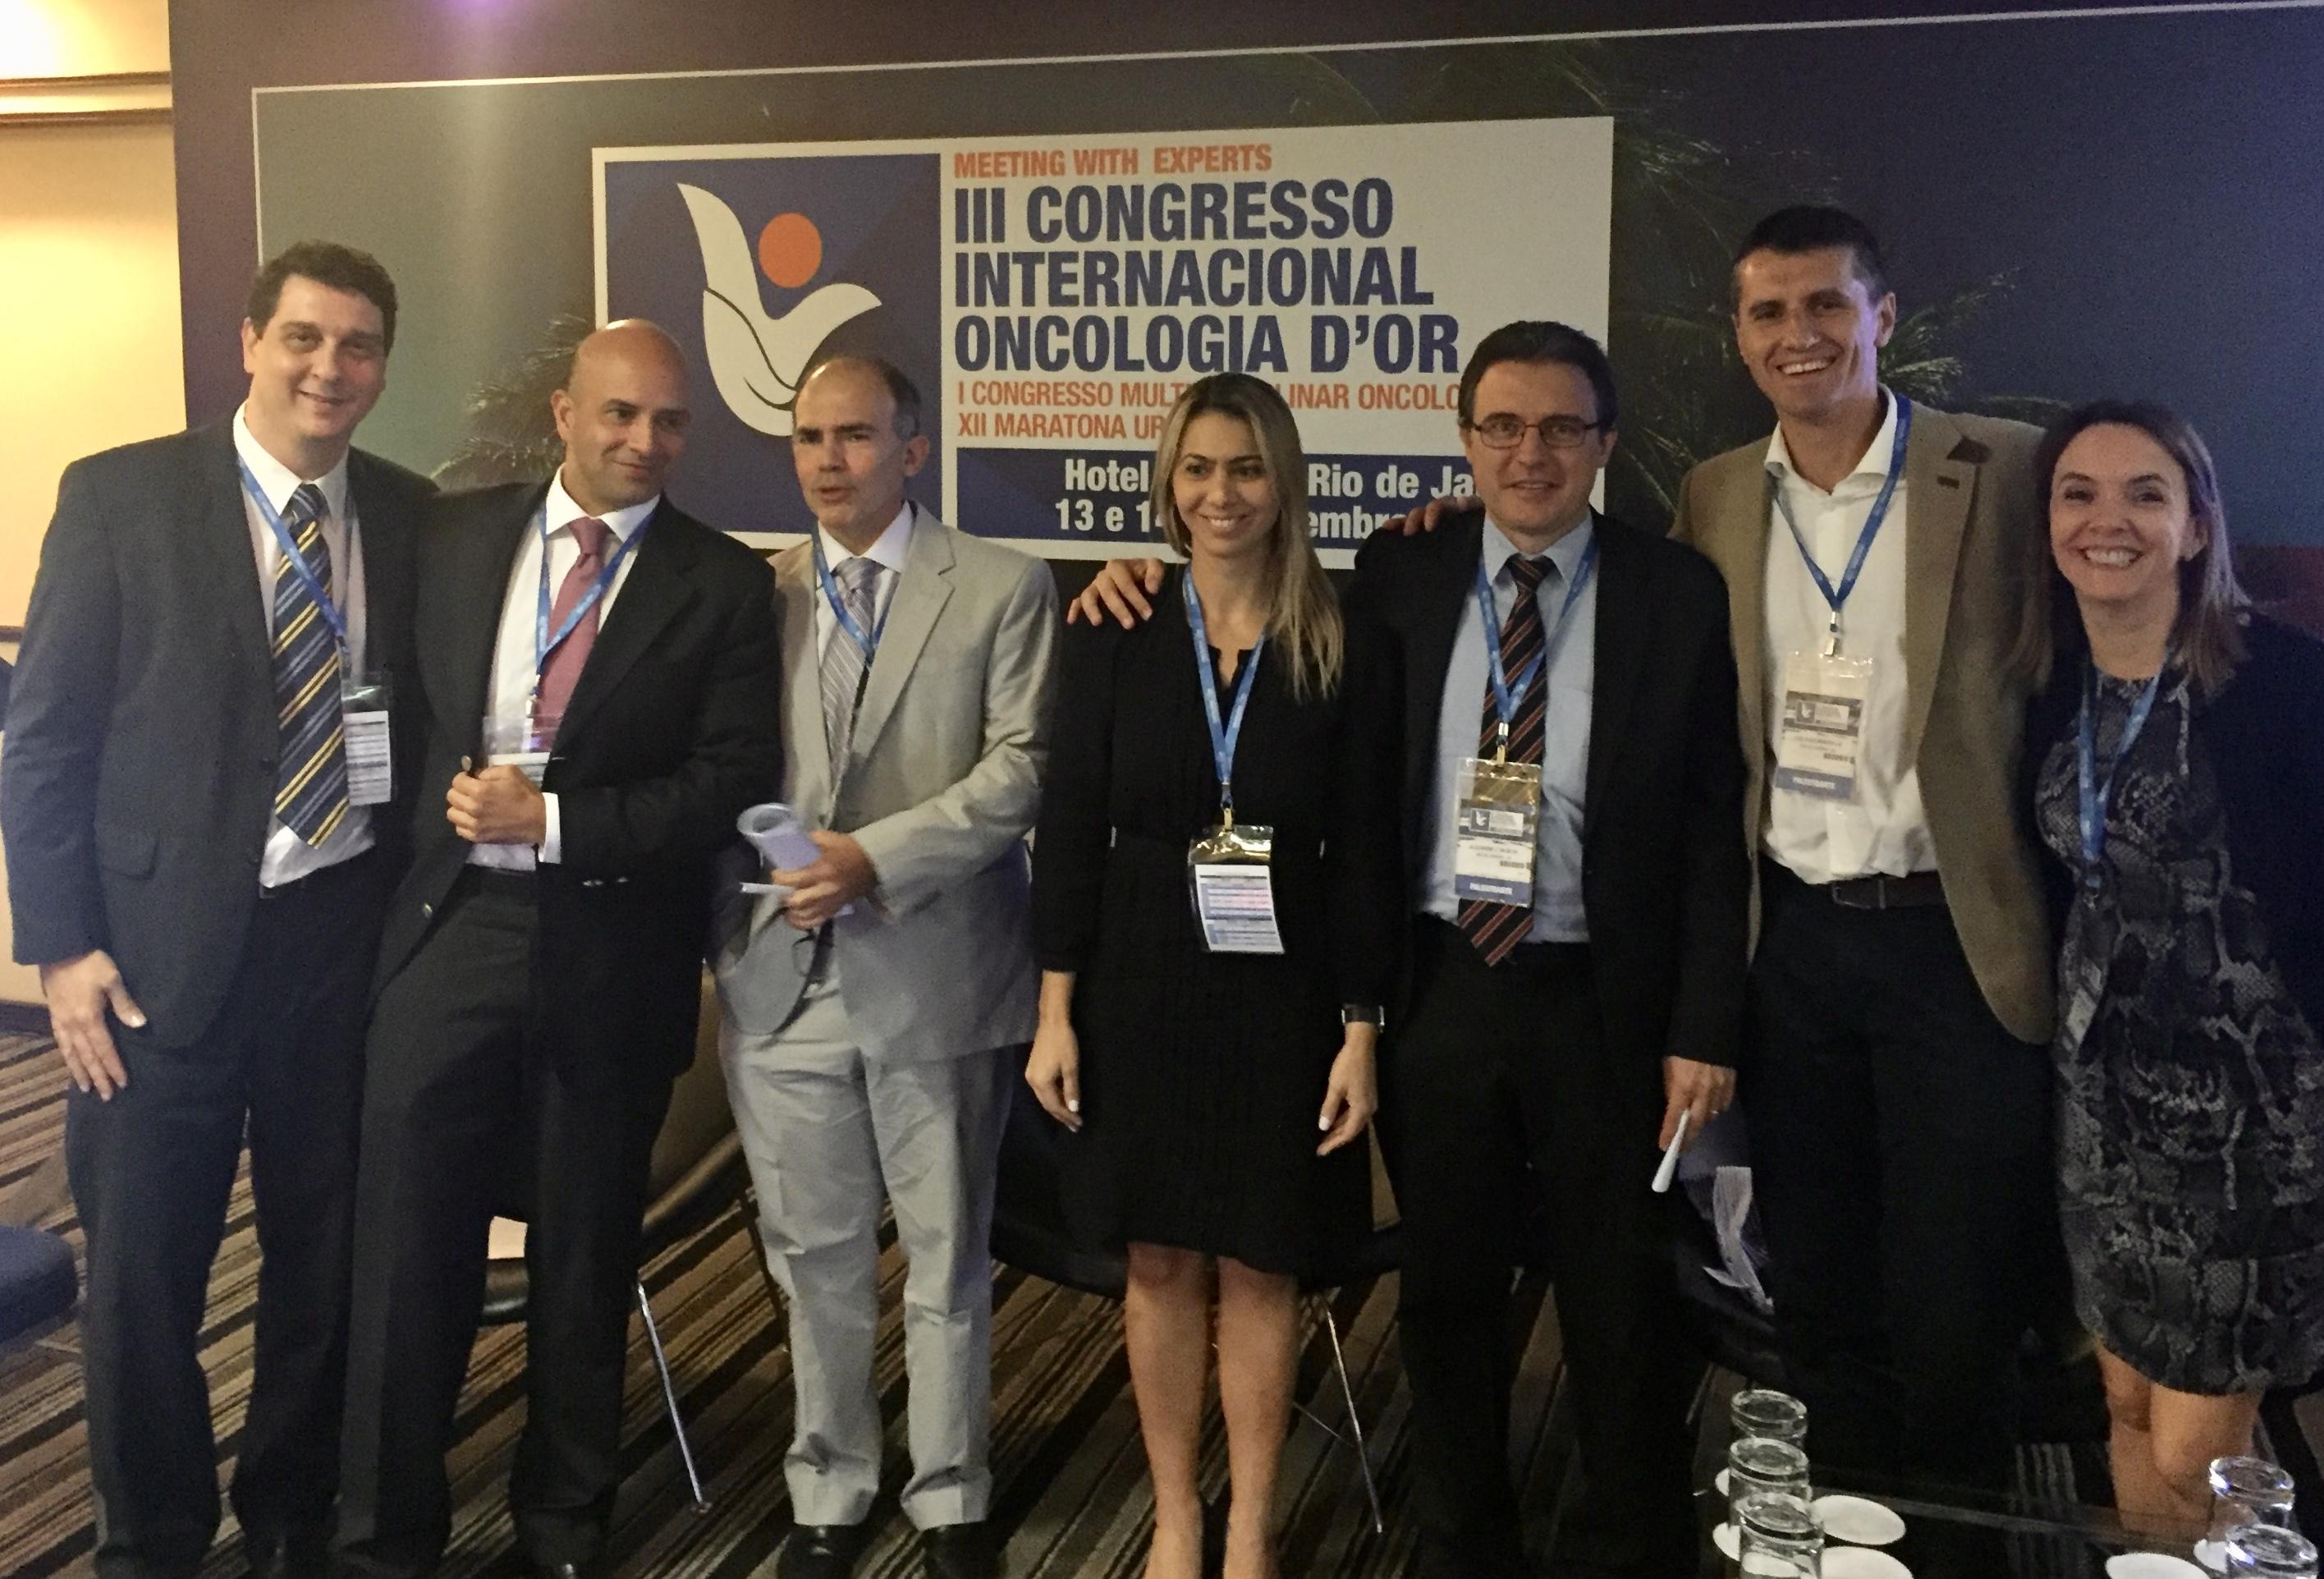 Dr. Hugo P Marques (POR),Dr. Lucio Pacheco (RJ), Dra. Ana Carolina Nobre (RJ), Dr.Alexandre Cerqueira (RJ), Dr.Jose Hugo (POR) e Dra.Maria de Lourdes Oliveira (RJ)- III Congresso Internacional Oncologia D'Or - Nov 2015